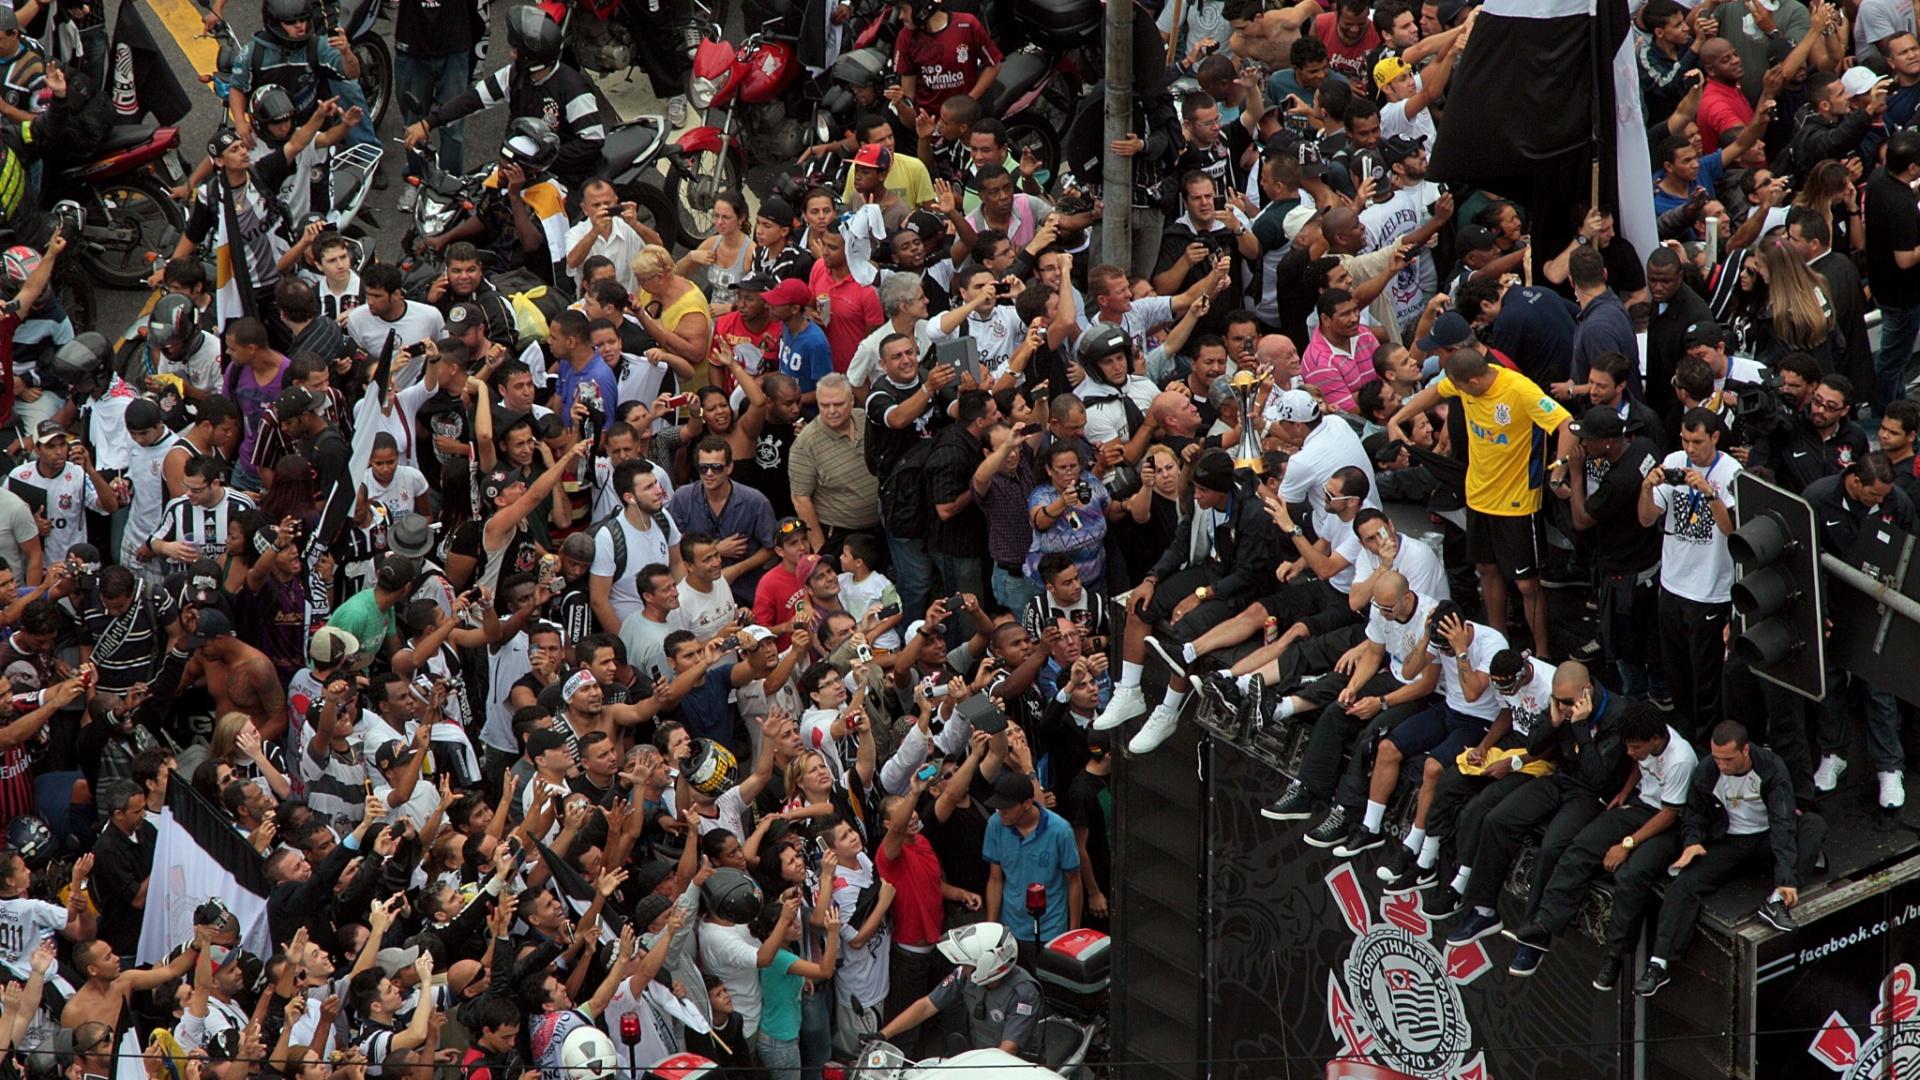 18.dez.2012-Torcedores do Corinthians lotaram ruas de São Paulo para acompanhar trio elétrico com os jogadores campeões mundiais